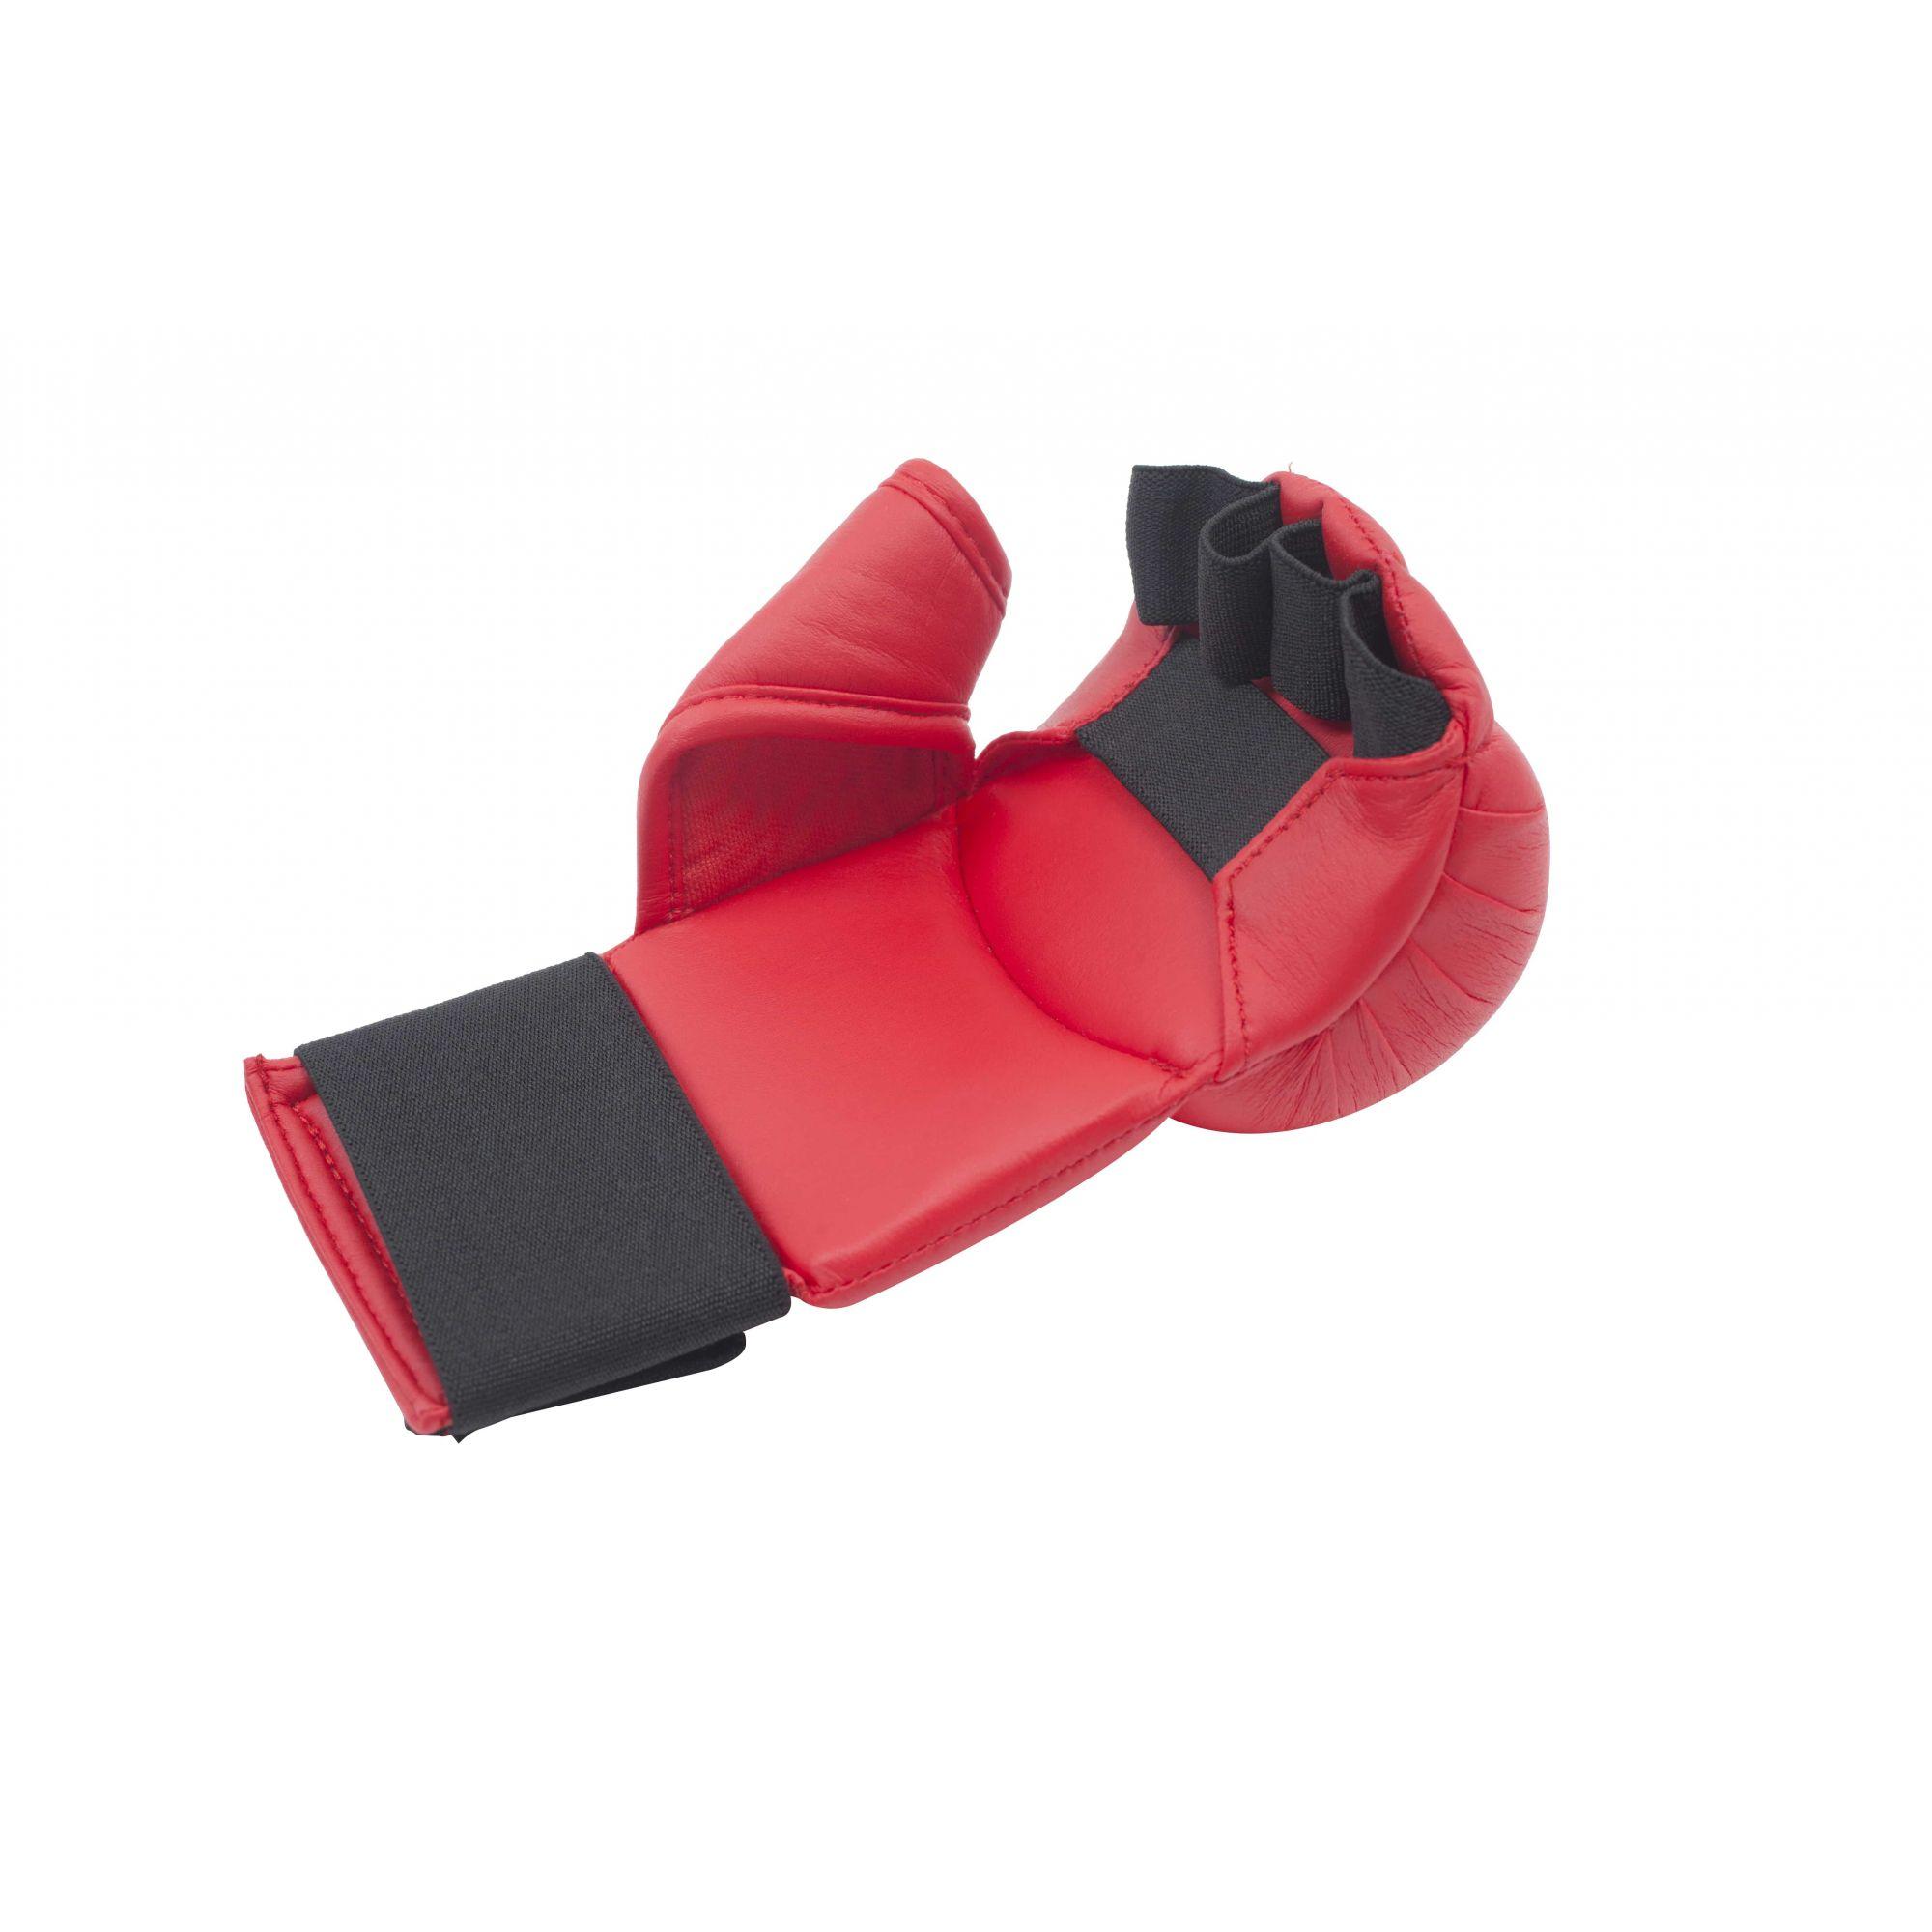 Luva de Karatê MKS Vermelha - Modelo 2018